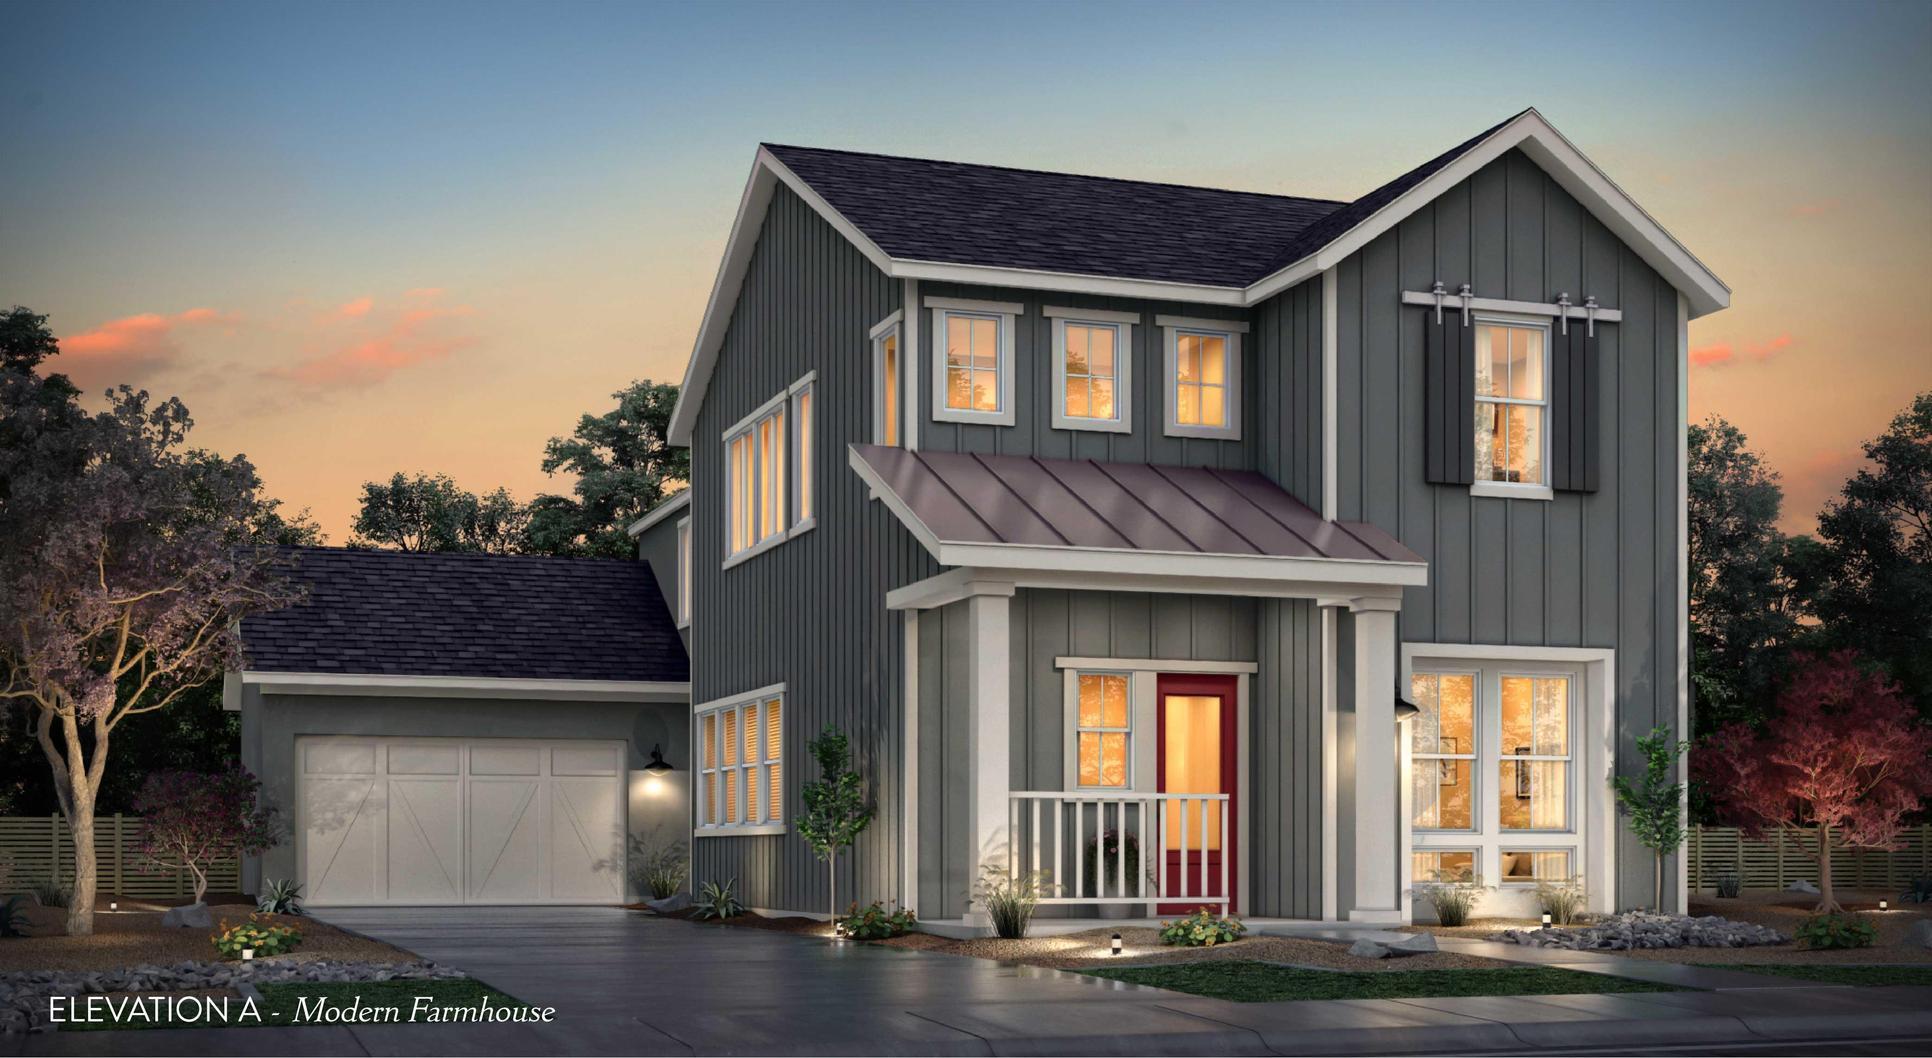 Elevation A:Modern Farmhouse